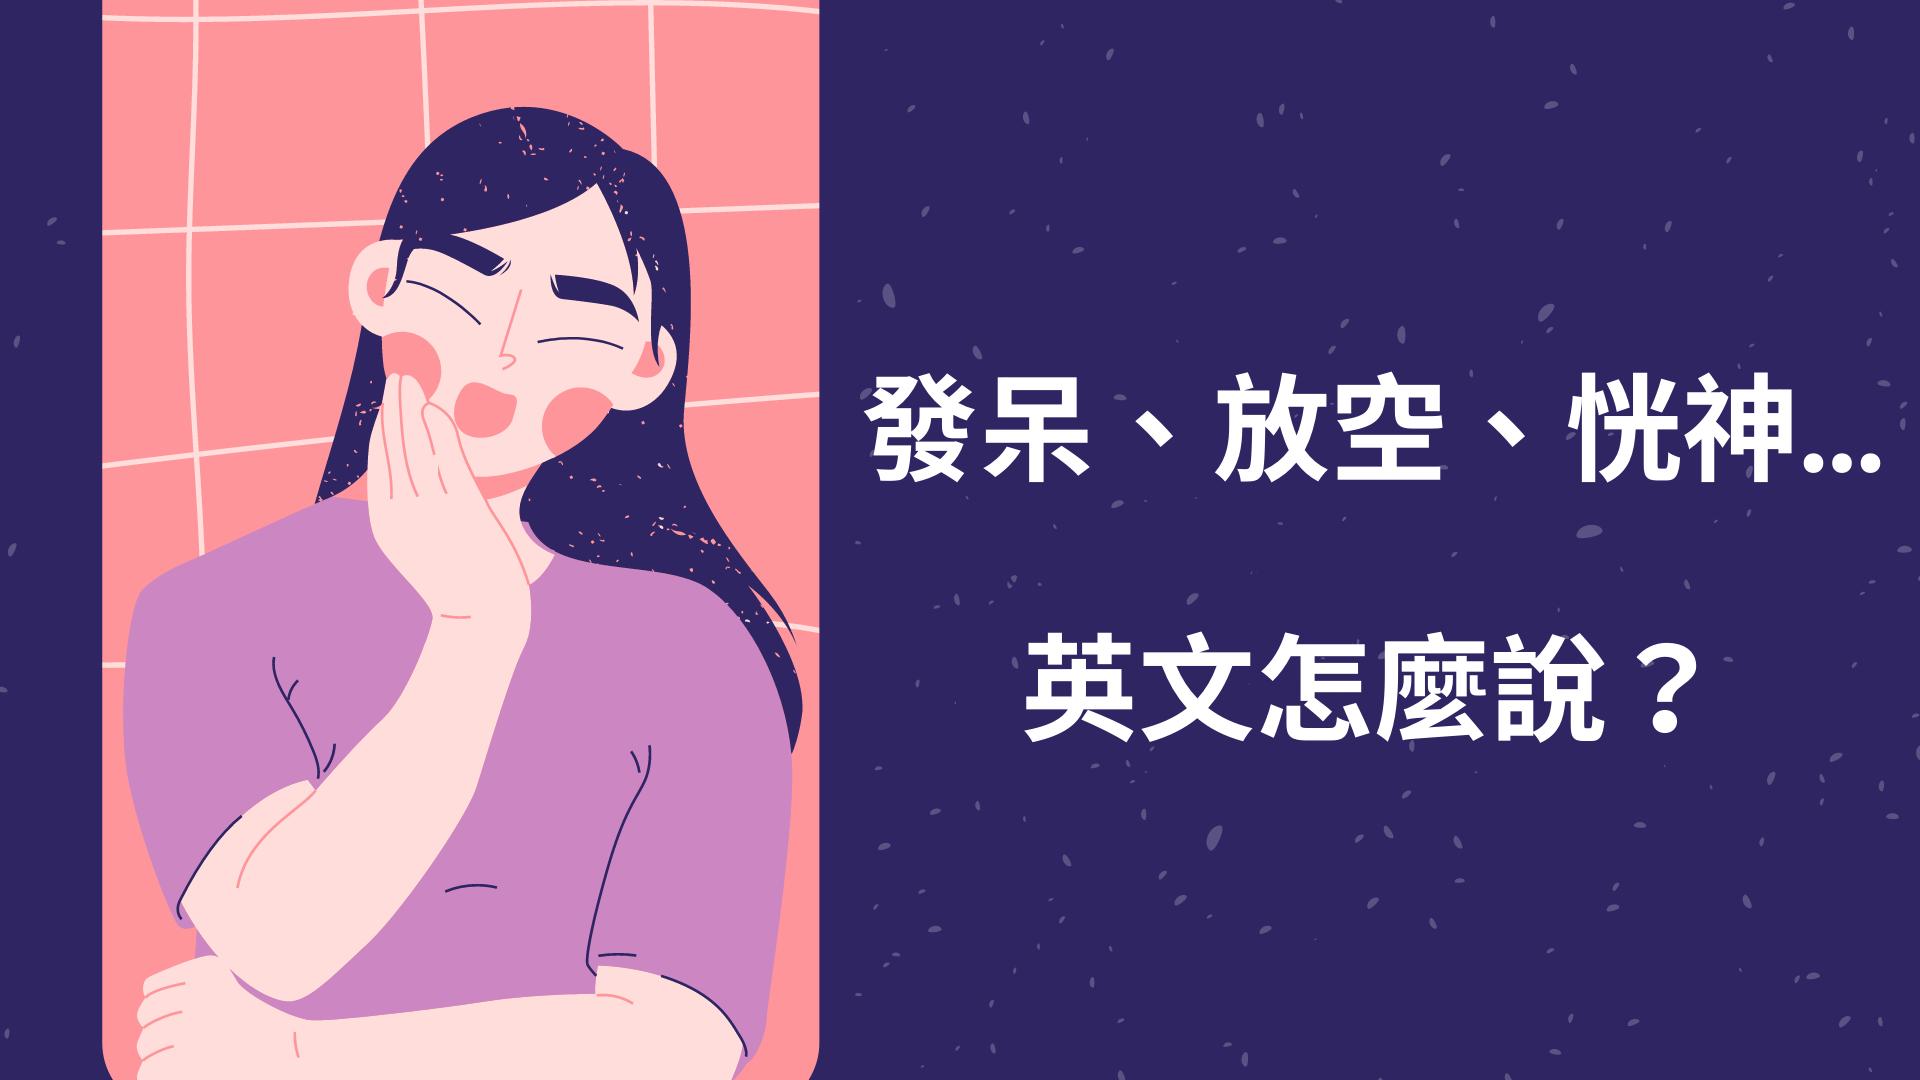 發呆、放空、恍神...英文怎麼說?zoned out/spaced out 中文意思一次搞懂!